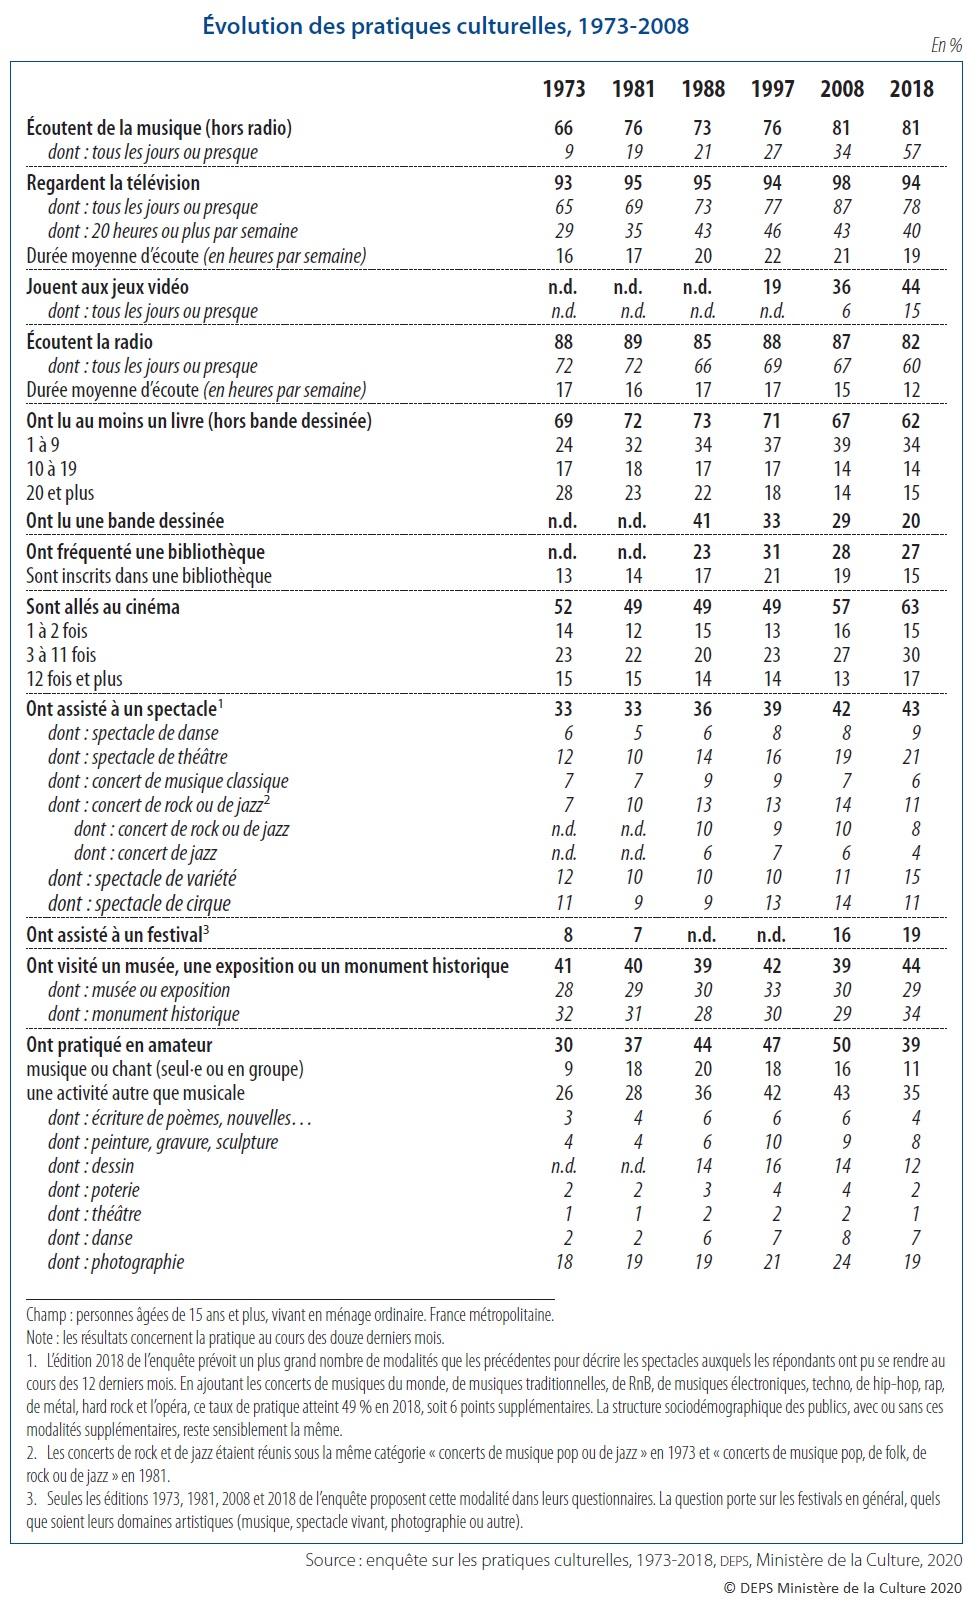 Tableau : Évolution des pratiques culturelles, 1973-2008